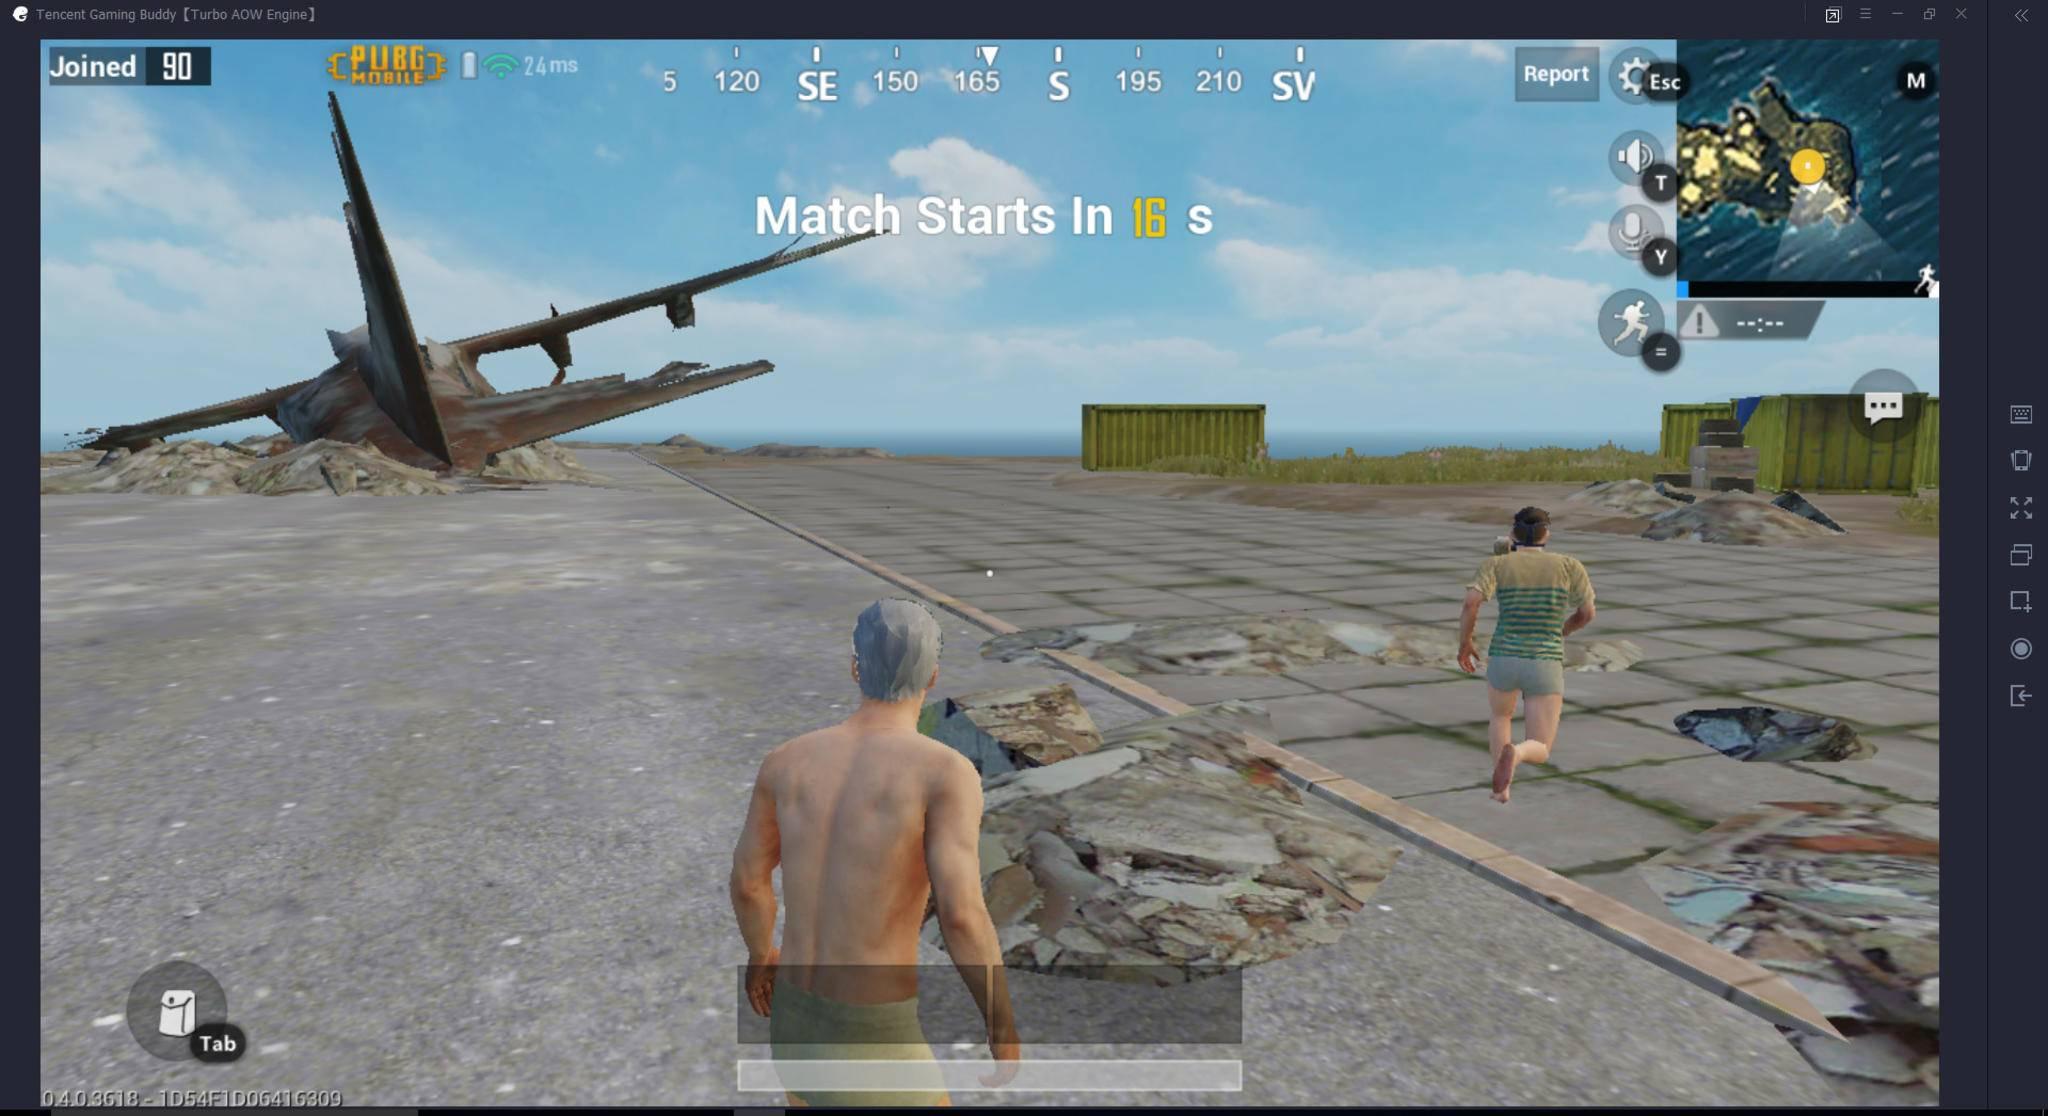 ... dass Du in der Lobby und im eigentlichen Spiel nur mit Spielern auf derselben Plattform zu tun hast.